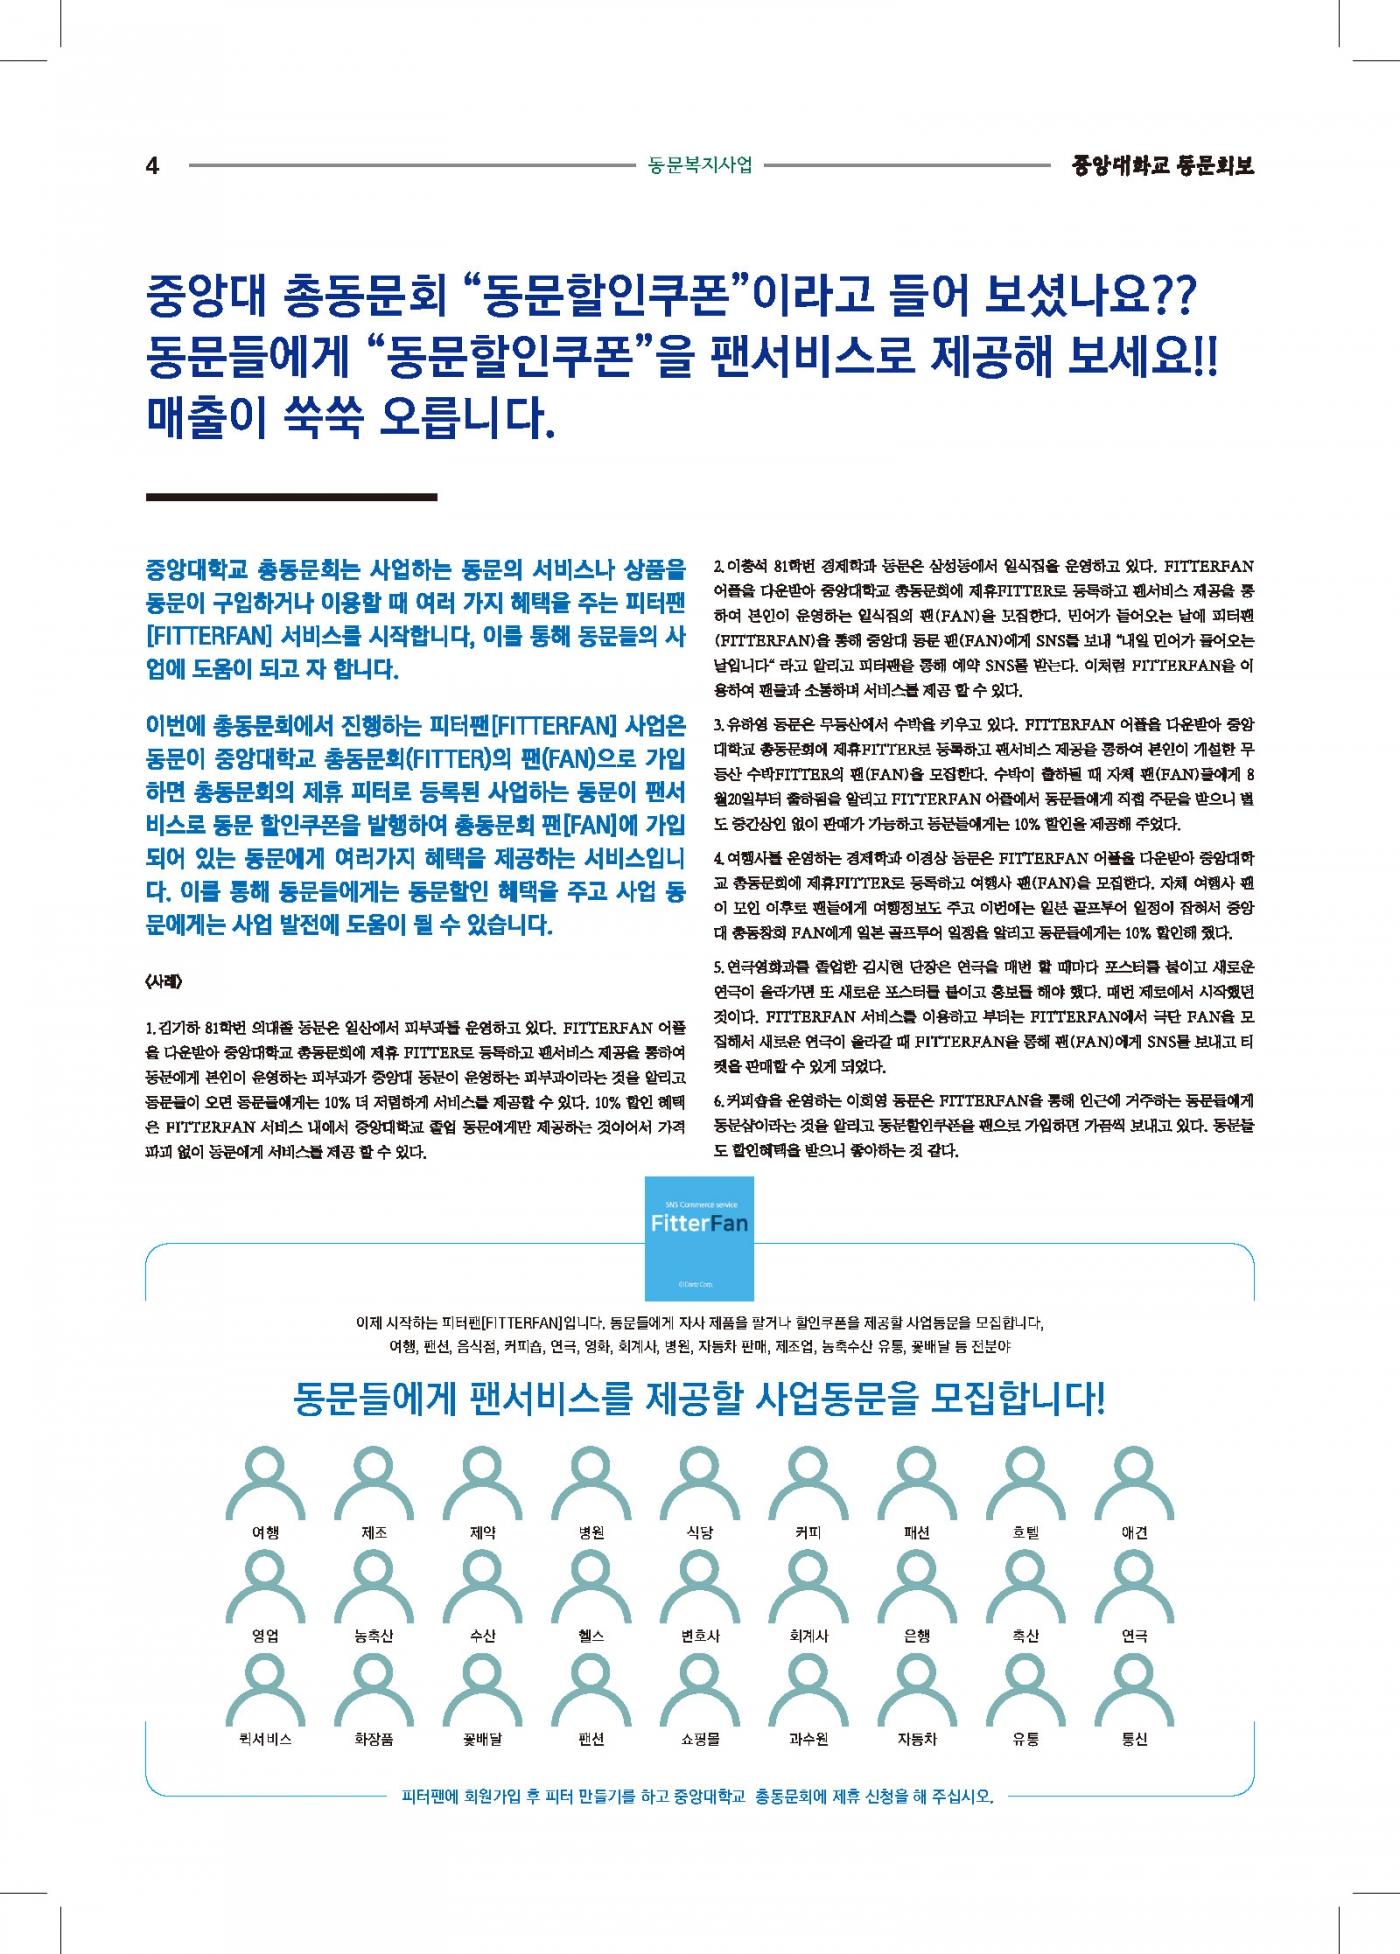 중총신문-18-4-23-인쇄OL1-4.jpg